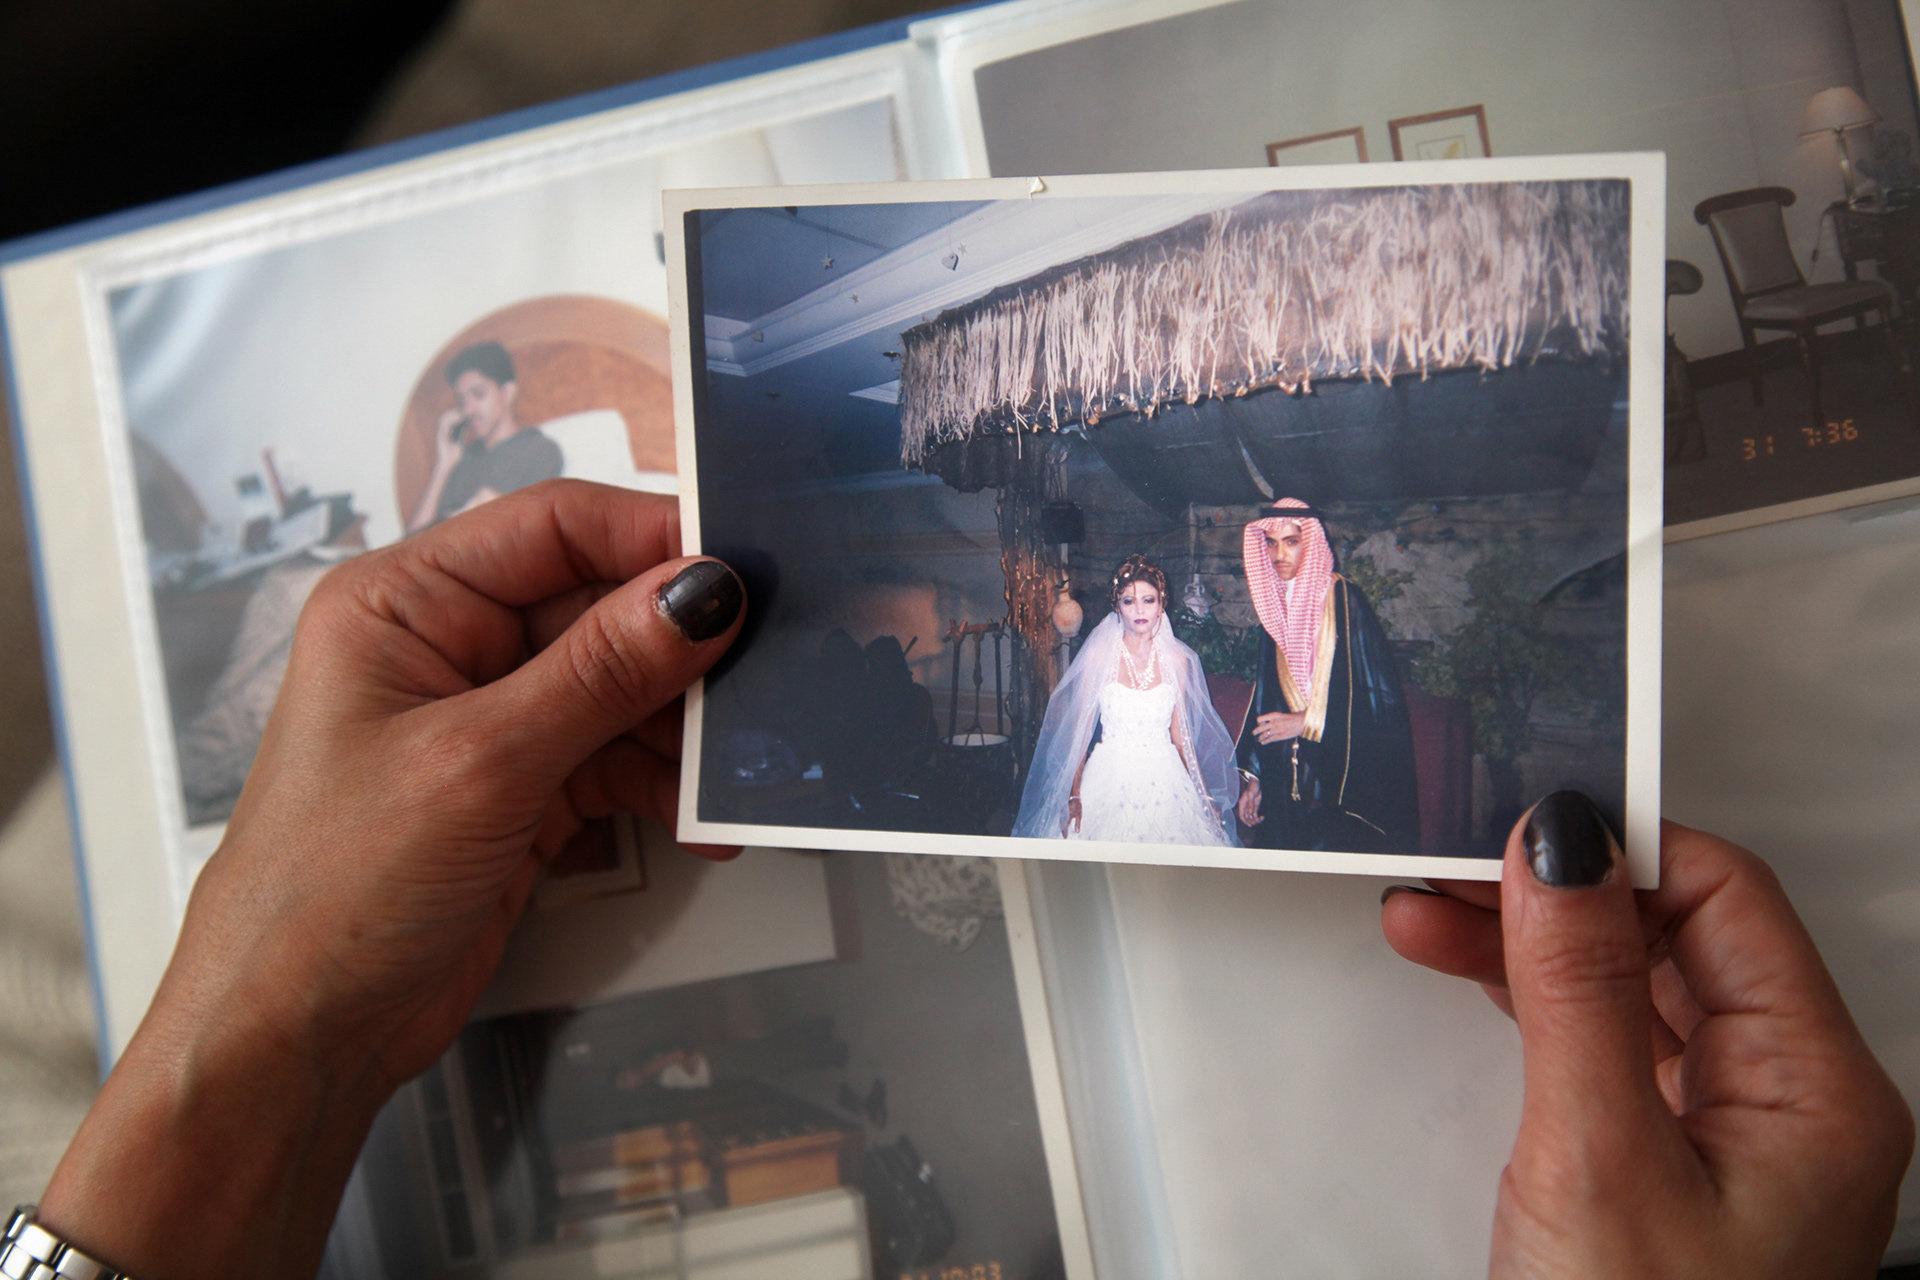 Hochzeitsfoto von Ralf Badawi und seiner Frau in Saudi-Arabien